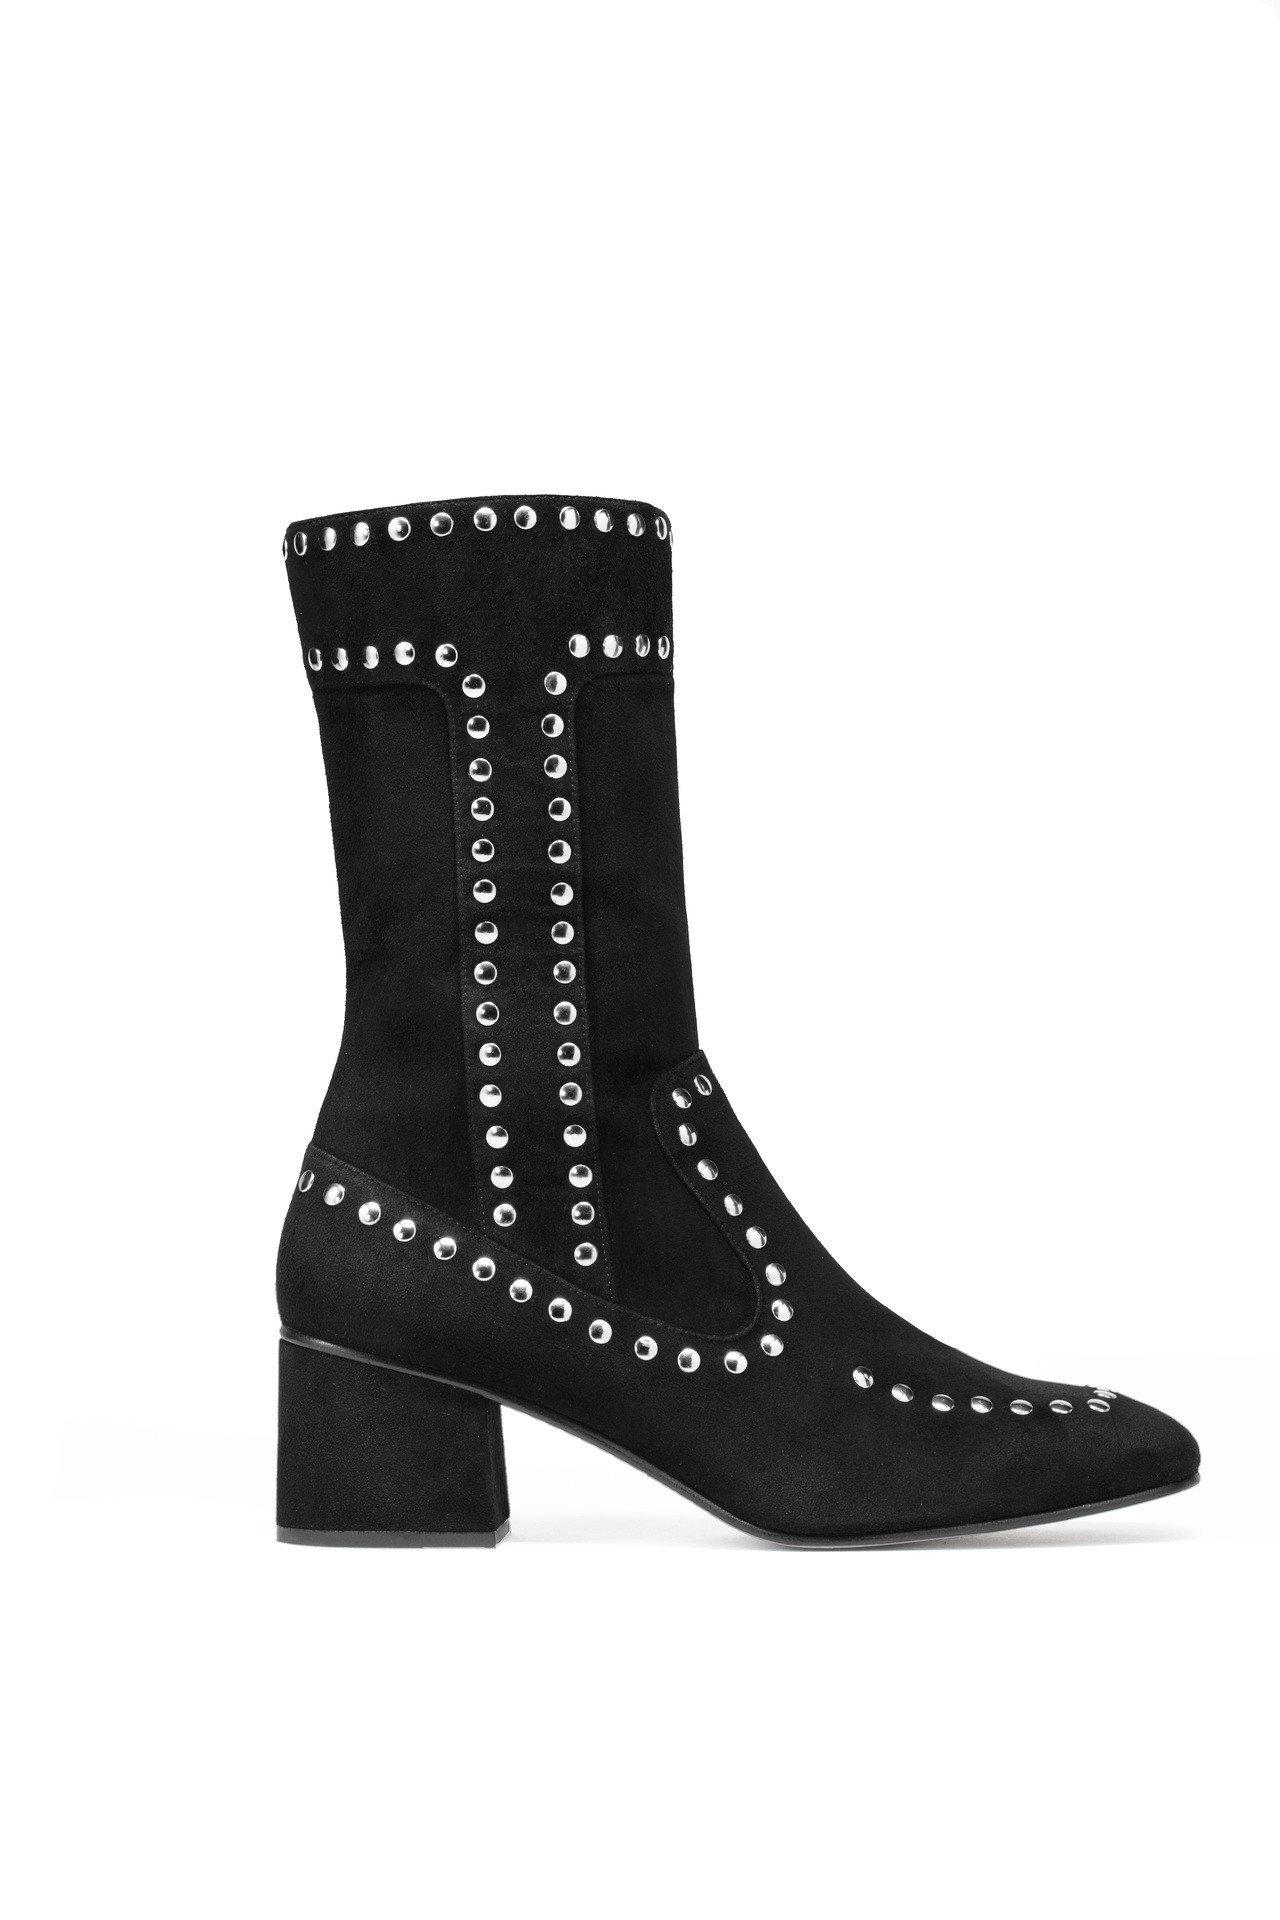 鉚釘皮革靴款,售價27,800元。圖/COACH提供